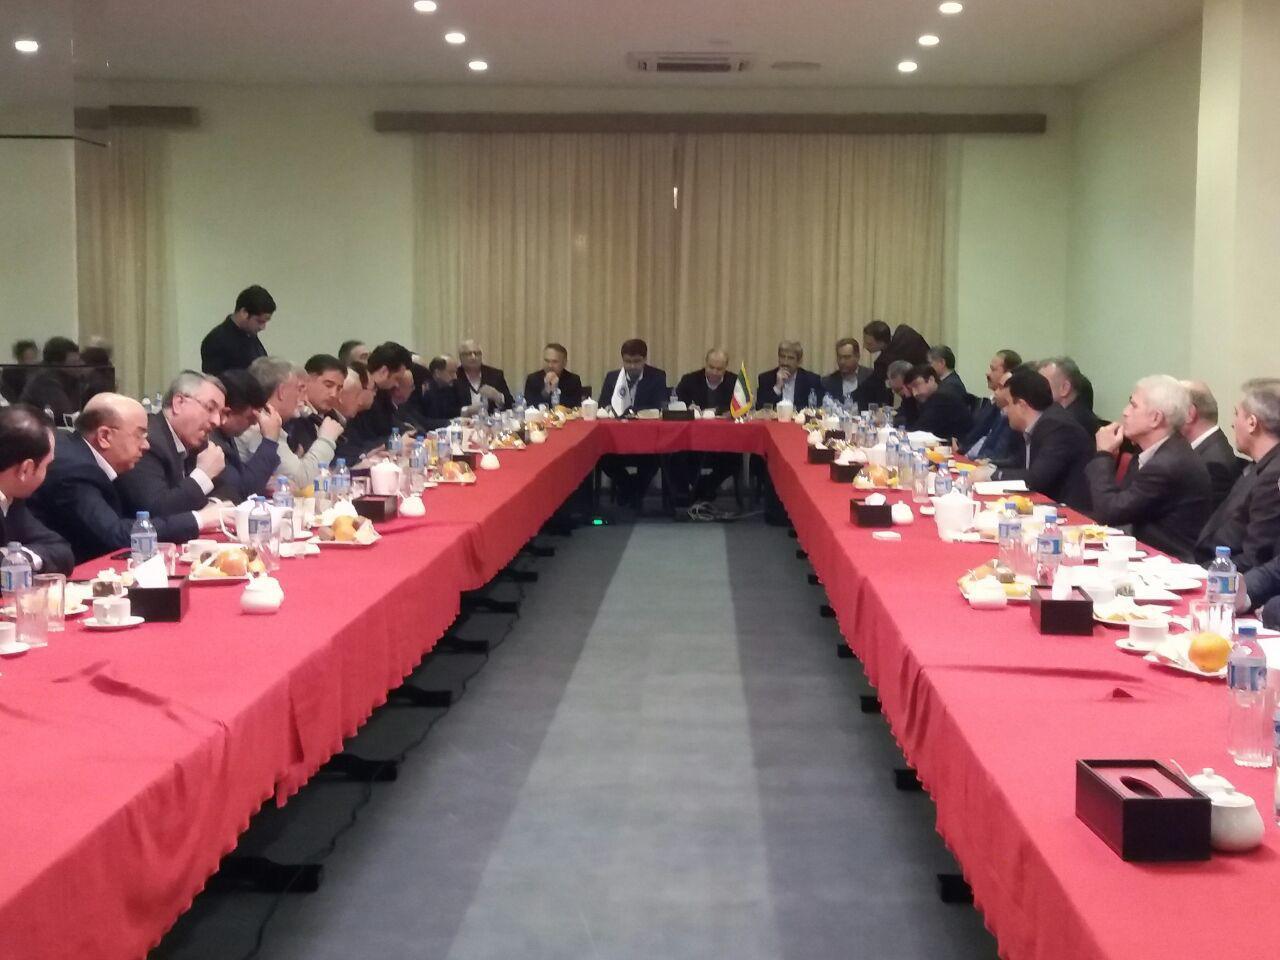 خبرهای خوش اقتصادی از زبان استاندار